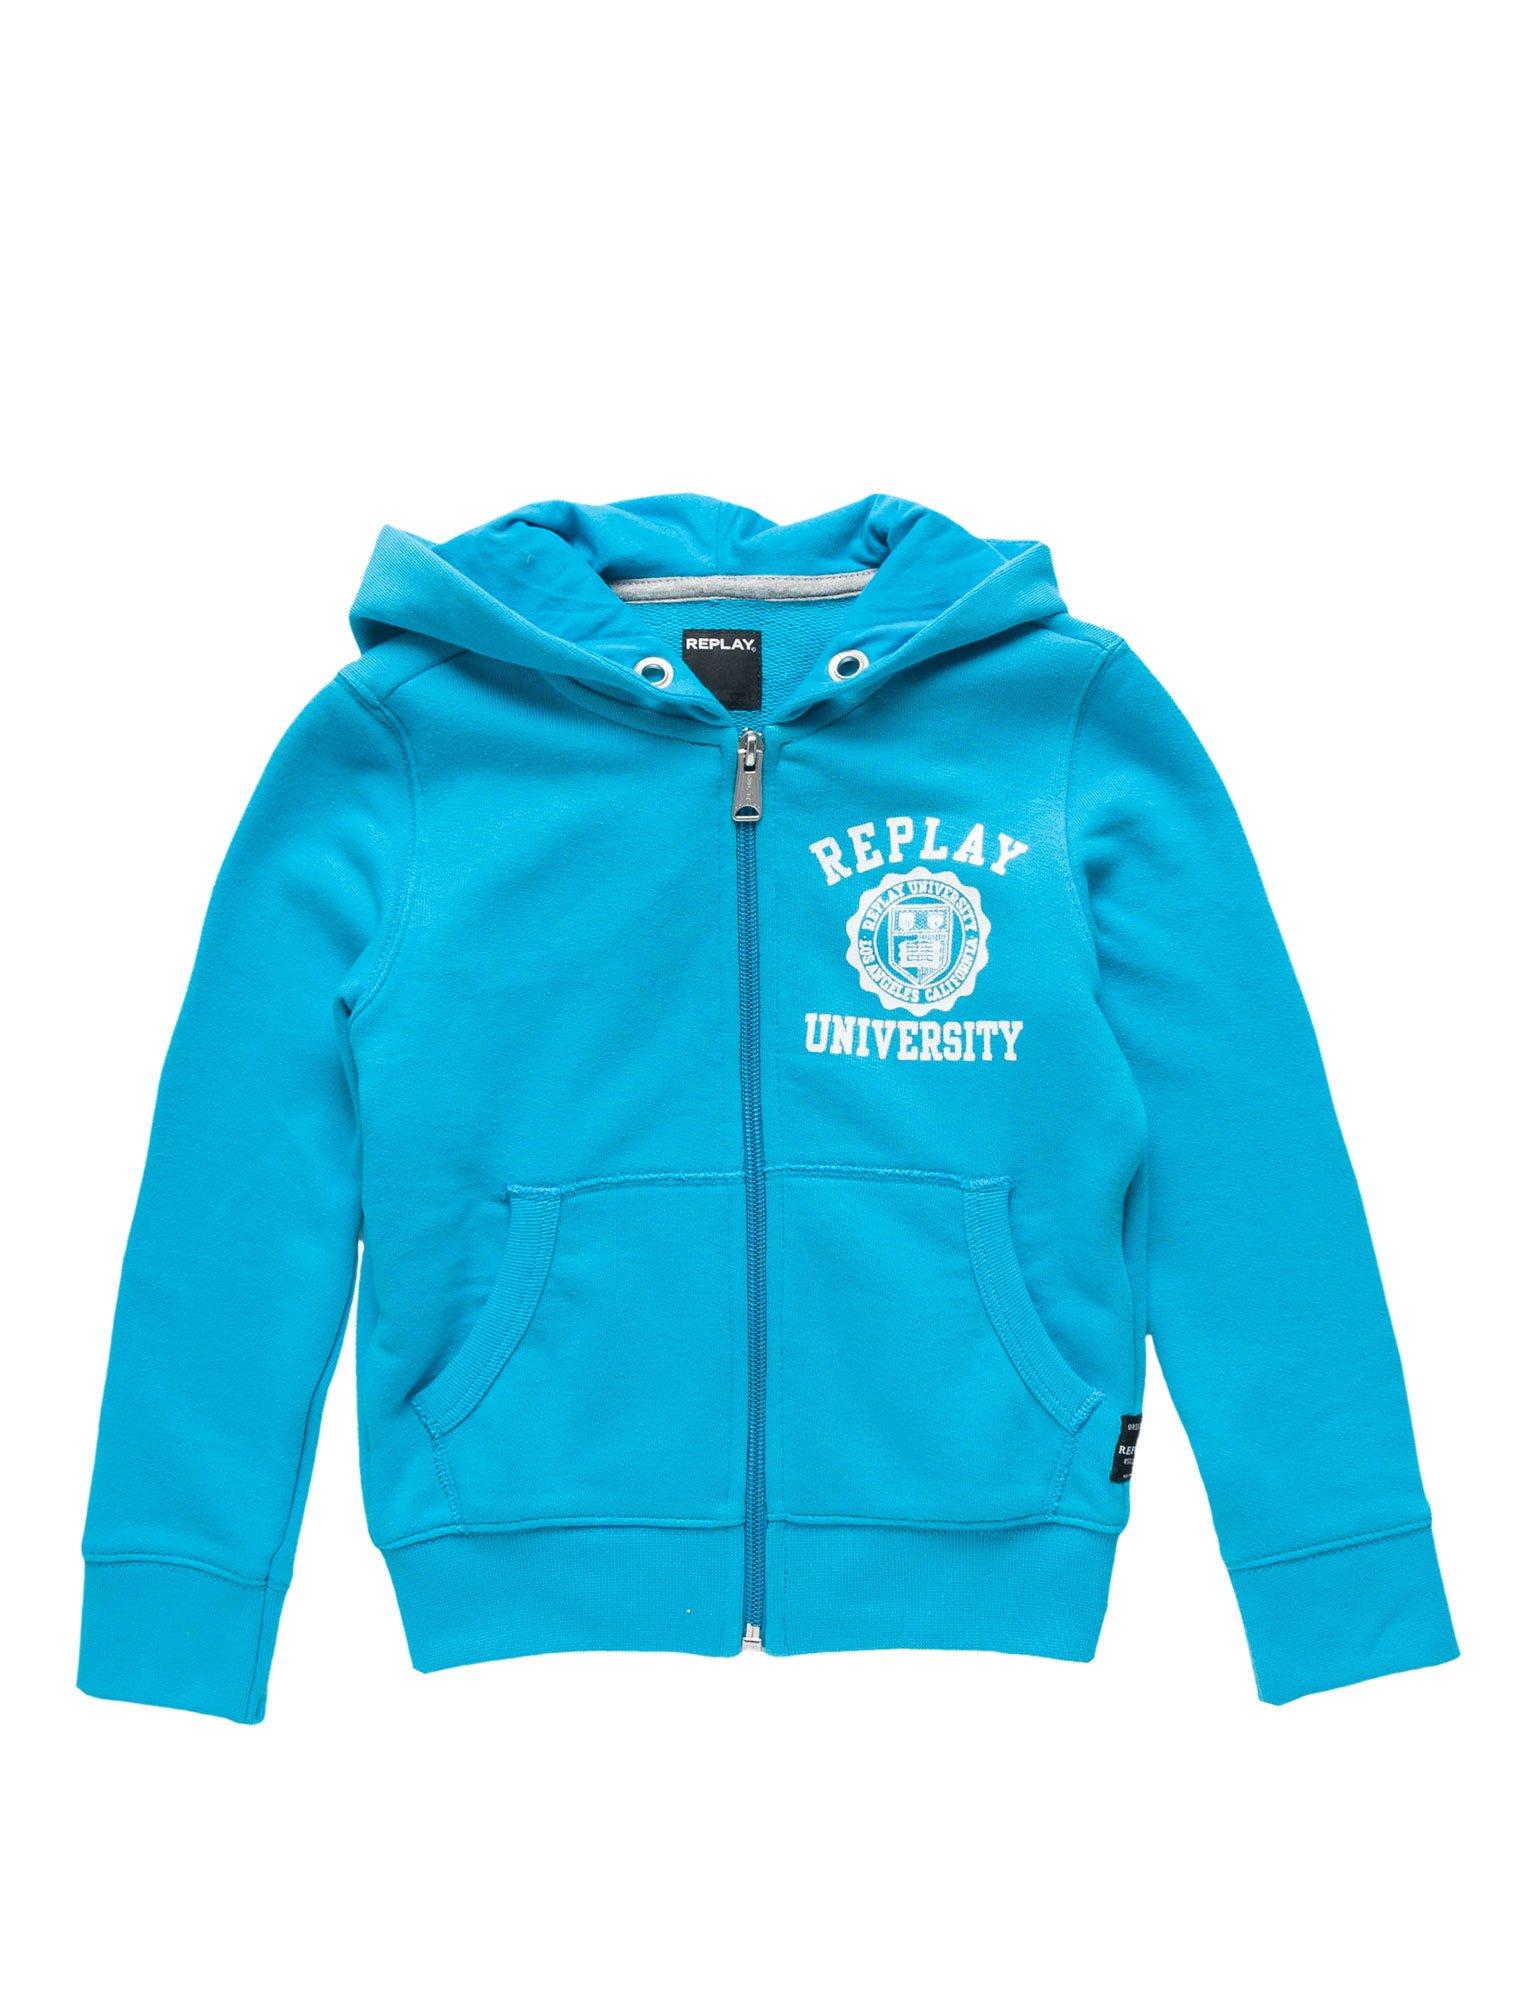 Replay Cotton/Poly Fleece Boy's Turquoise Sweatshirt In Size 12 Years Turquoise